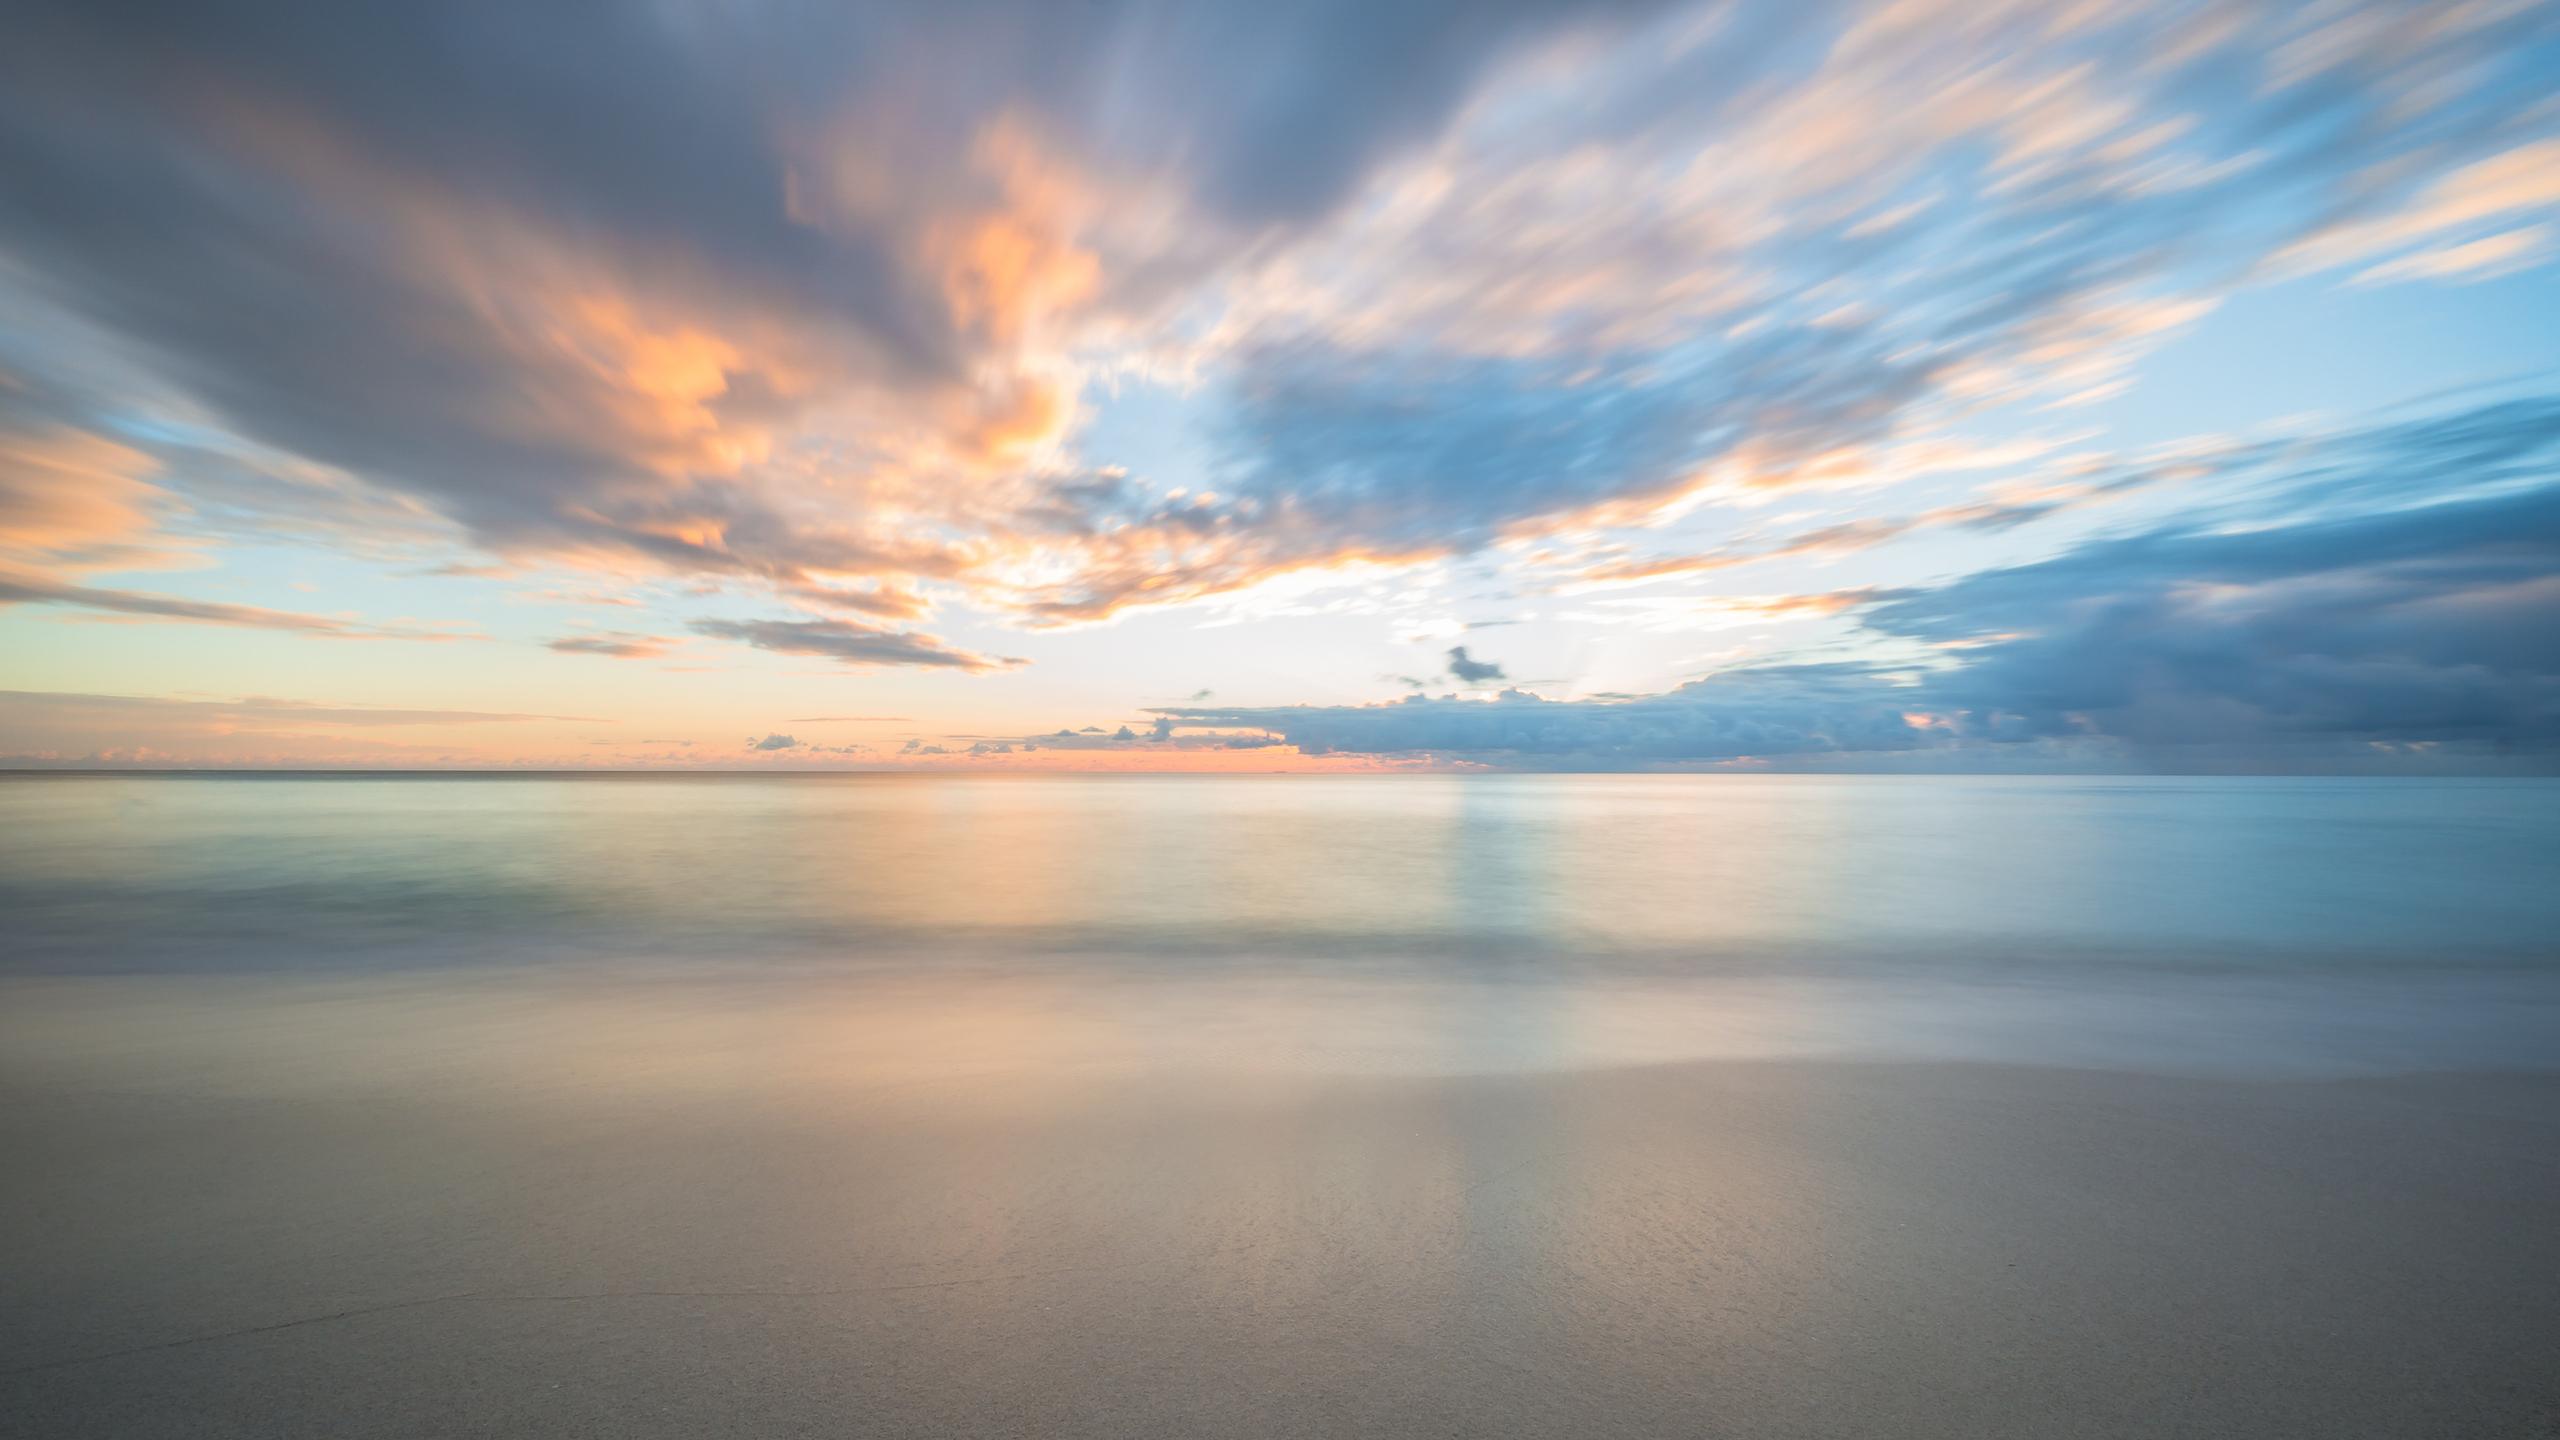 silent-beach-qhd.jpg